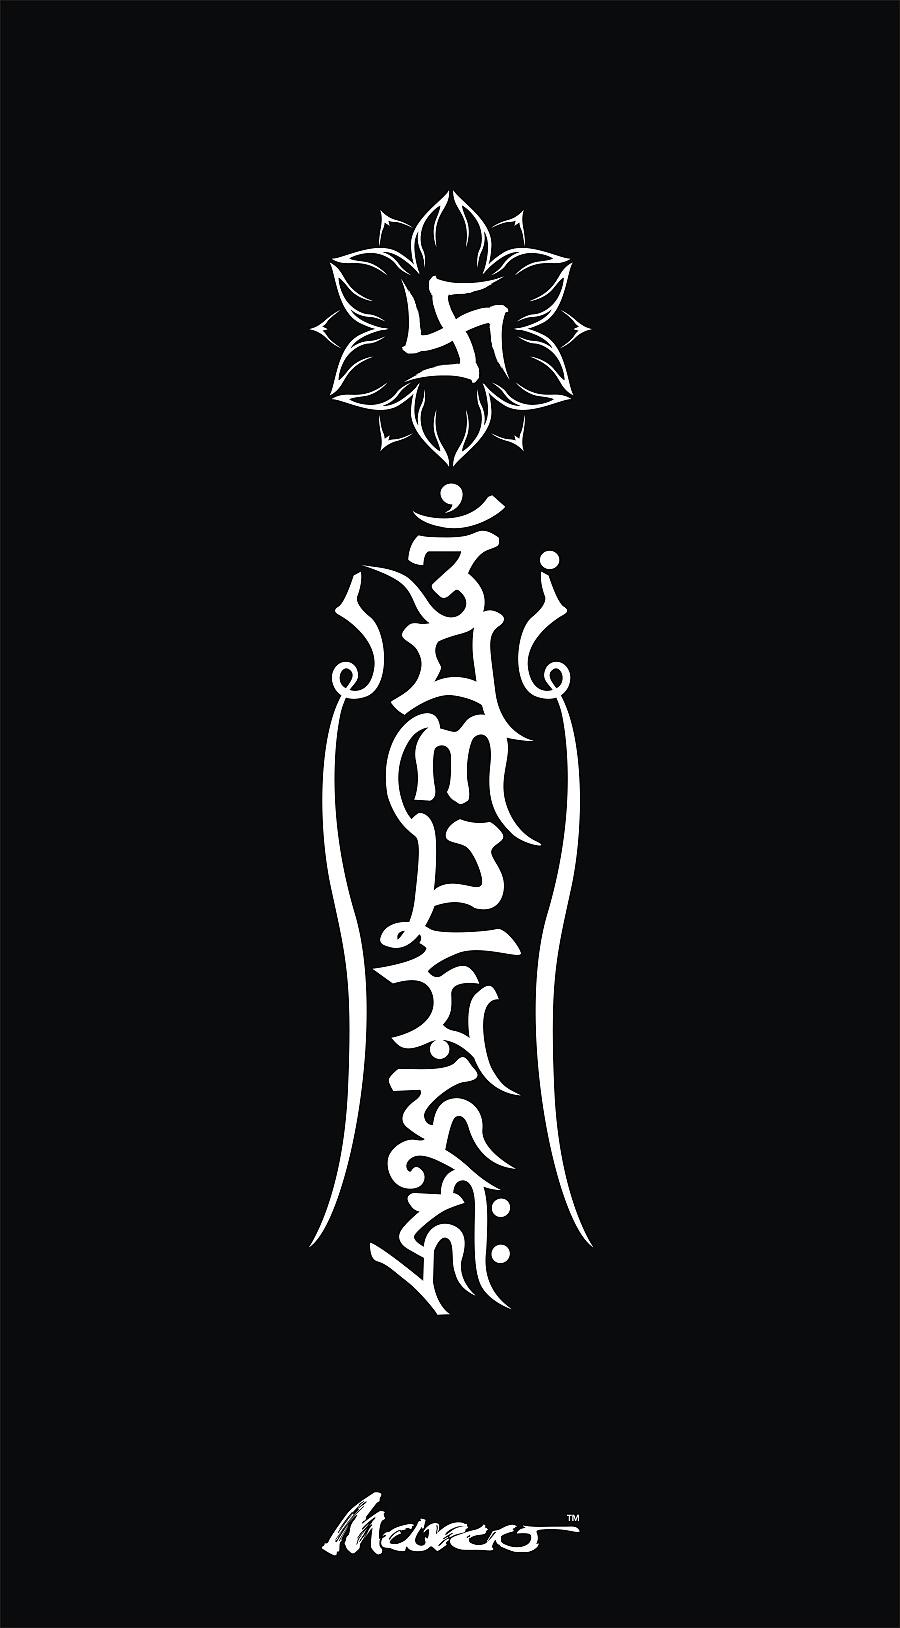 源于梵文,象征一切诸菩萨的慈悲与加持六字大明咒嗡(ōng)嘛(mā)呢